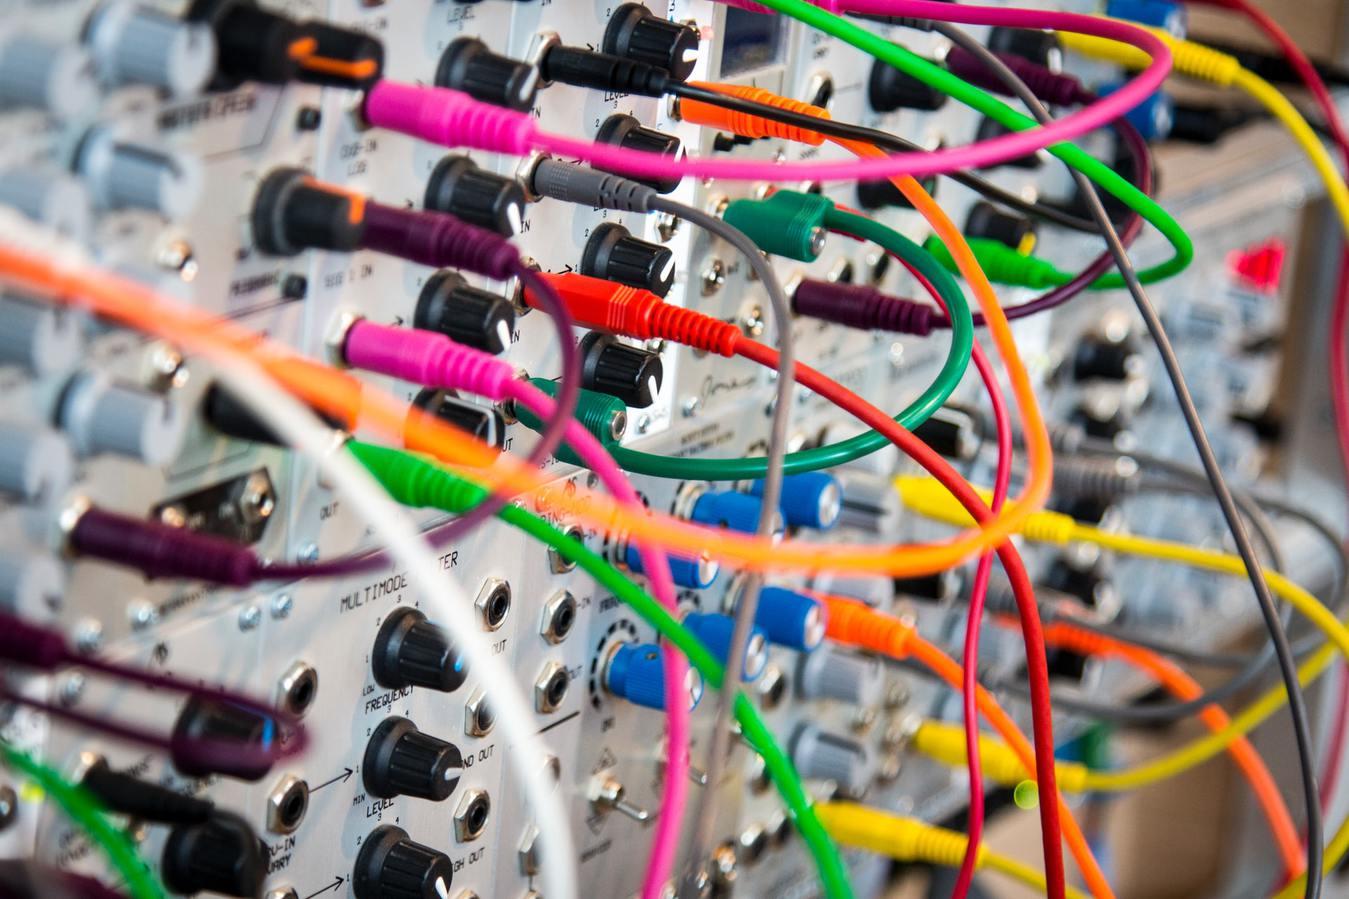 Decine di fili colorati collegati